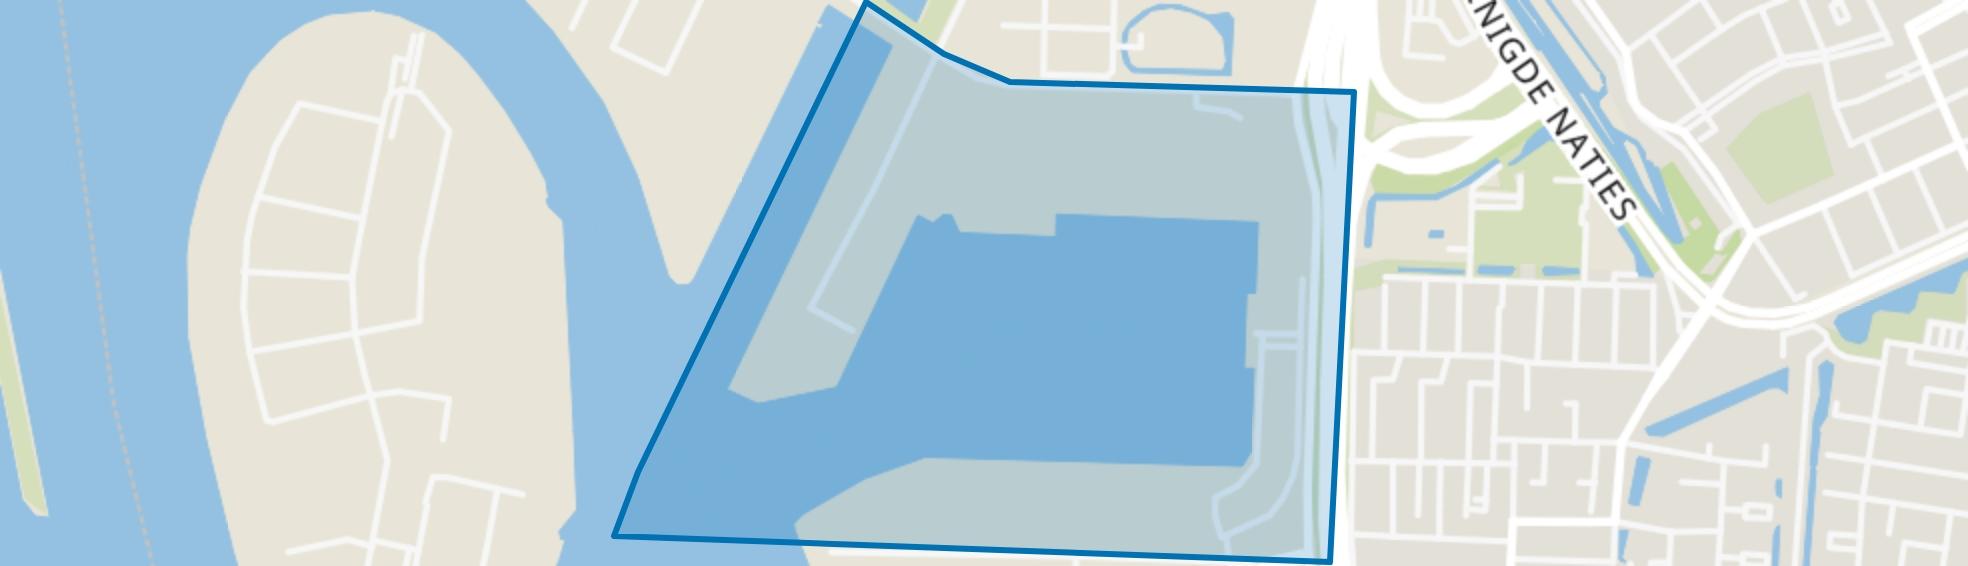 Wilhelminahaven, Dordrecht map